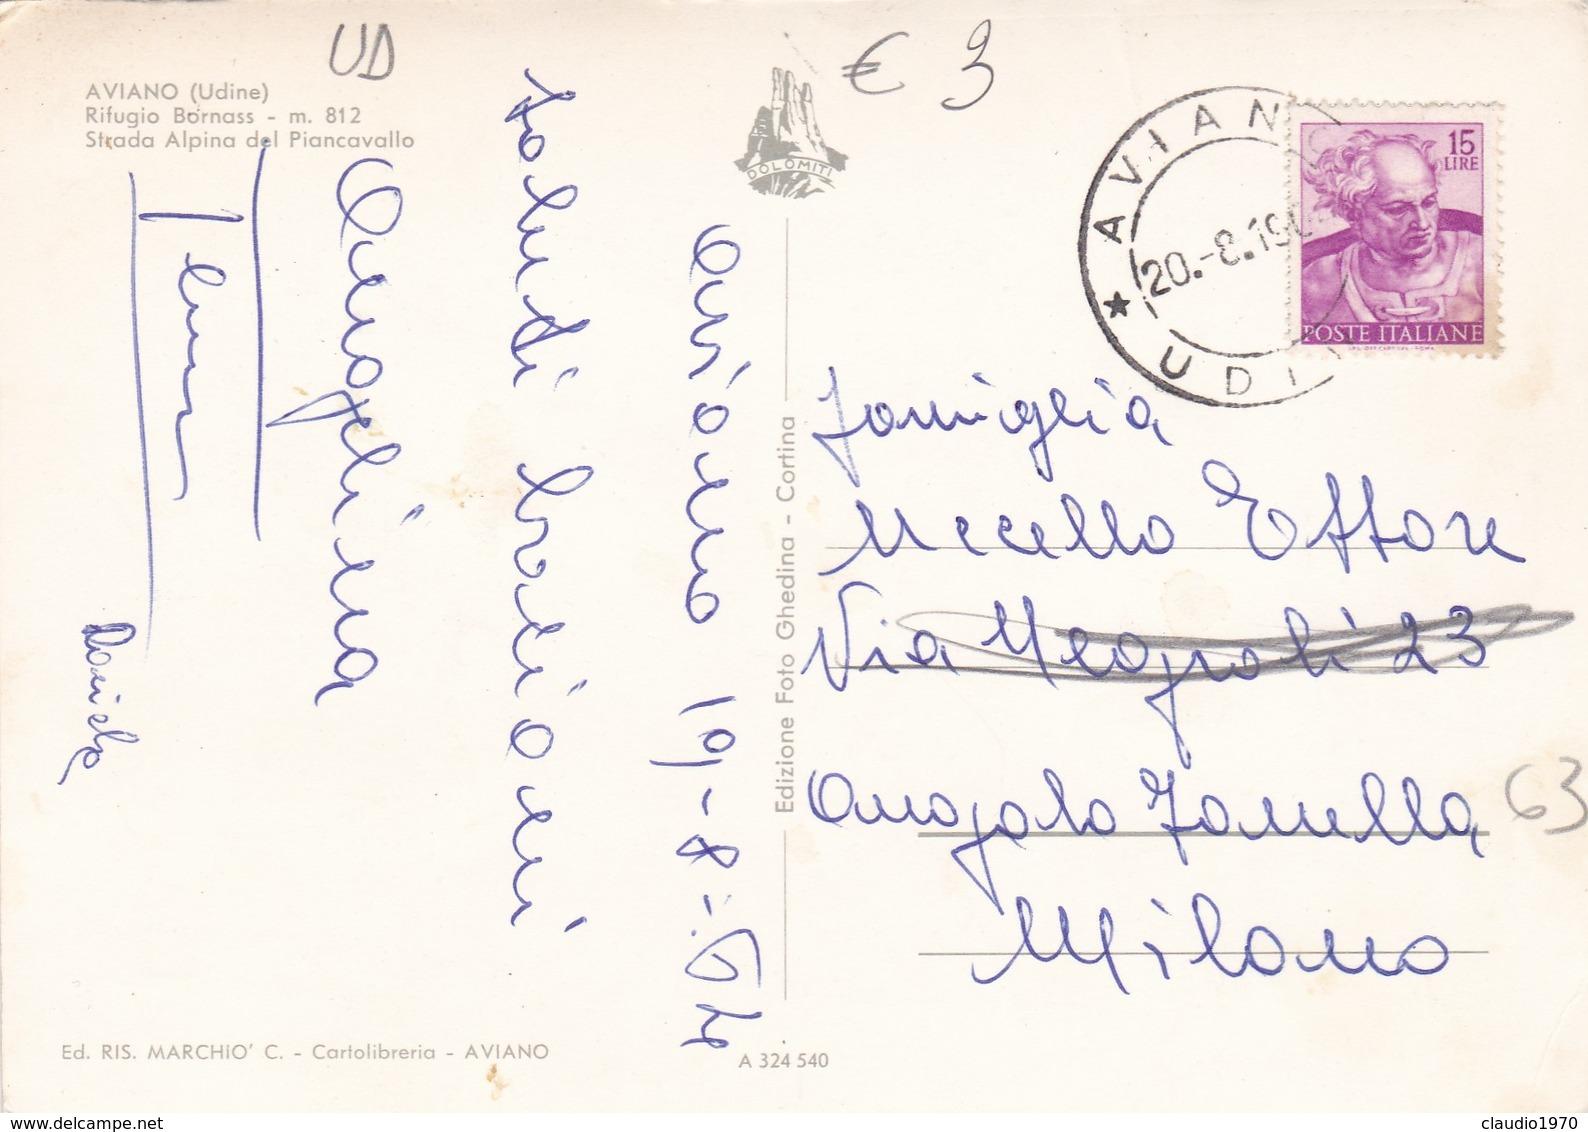 CARTOLINA - UDINE - AVIANO - RIFUGIO BORNASS M. 812 , STRADA ALPINA DEL PIANCAVALLO -VIAGGIATA DA PER MILANO - Udine